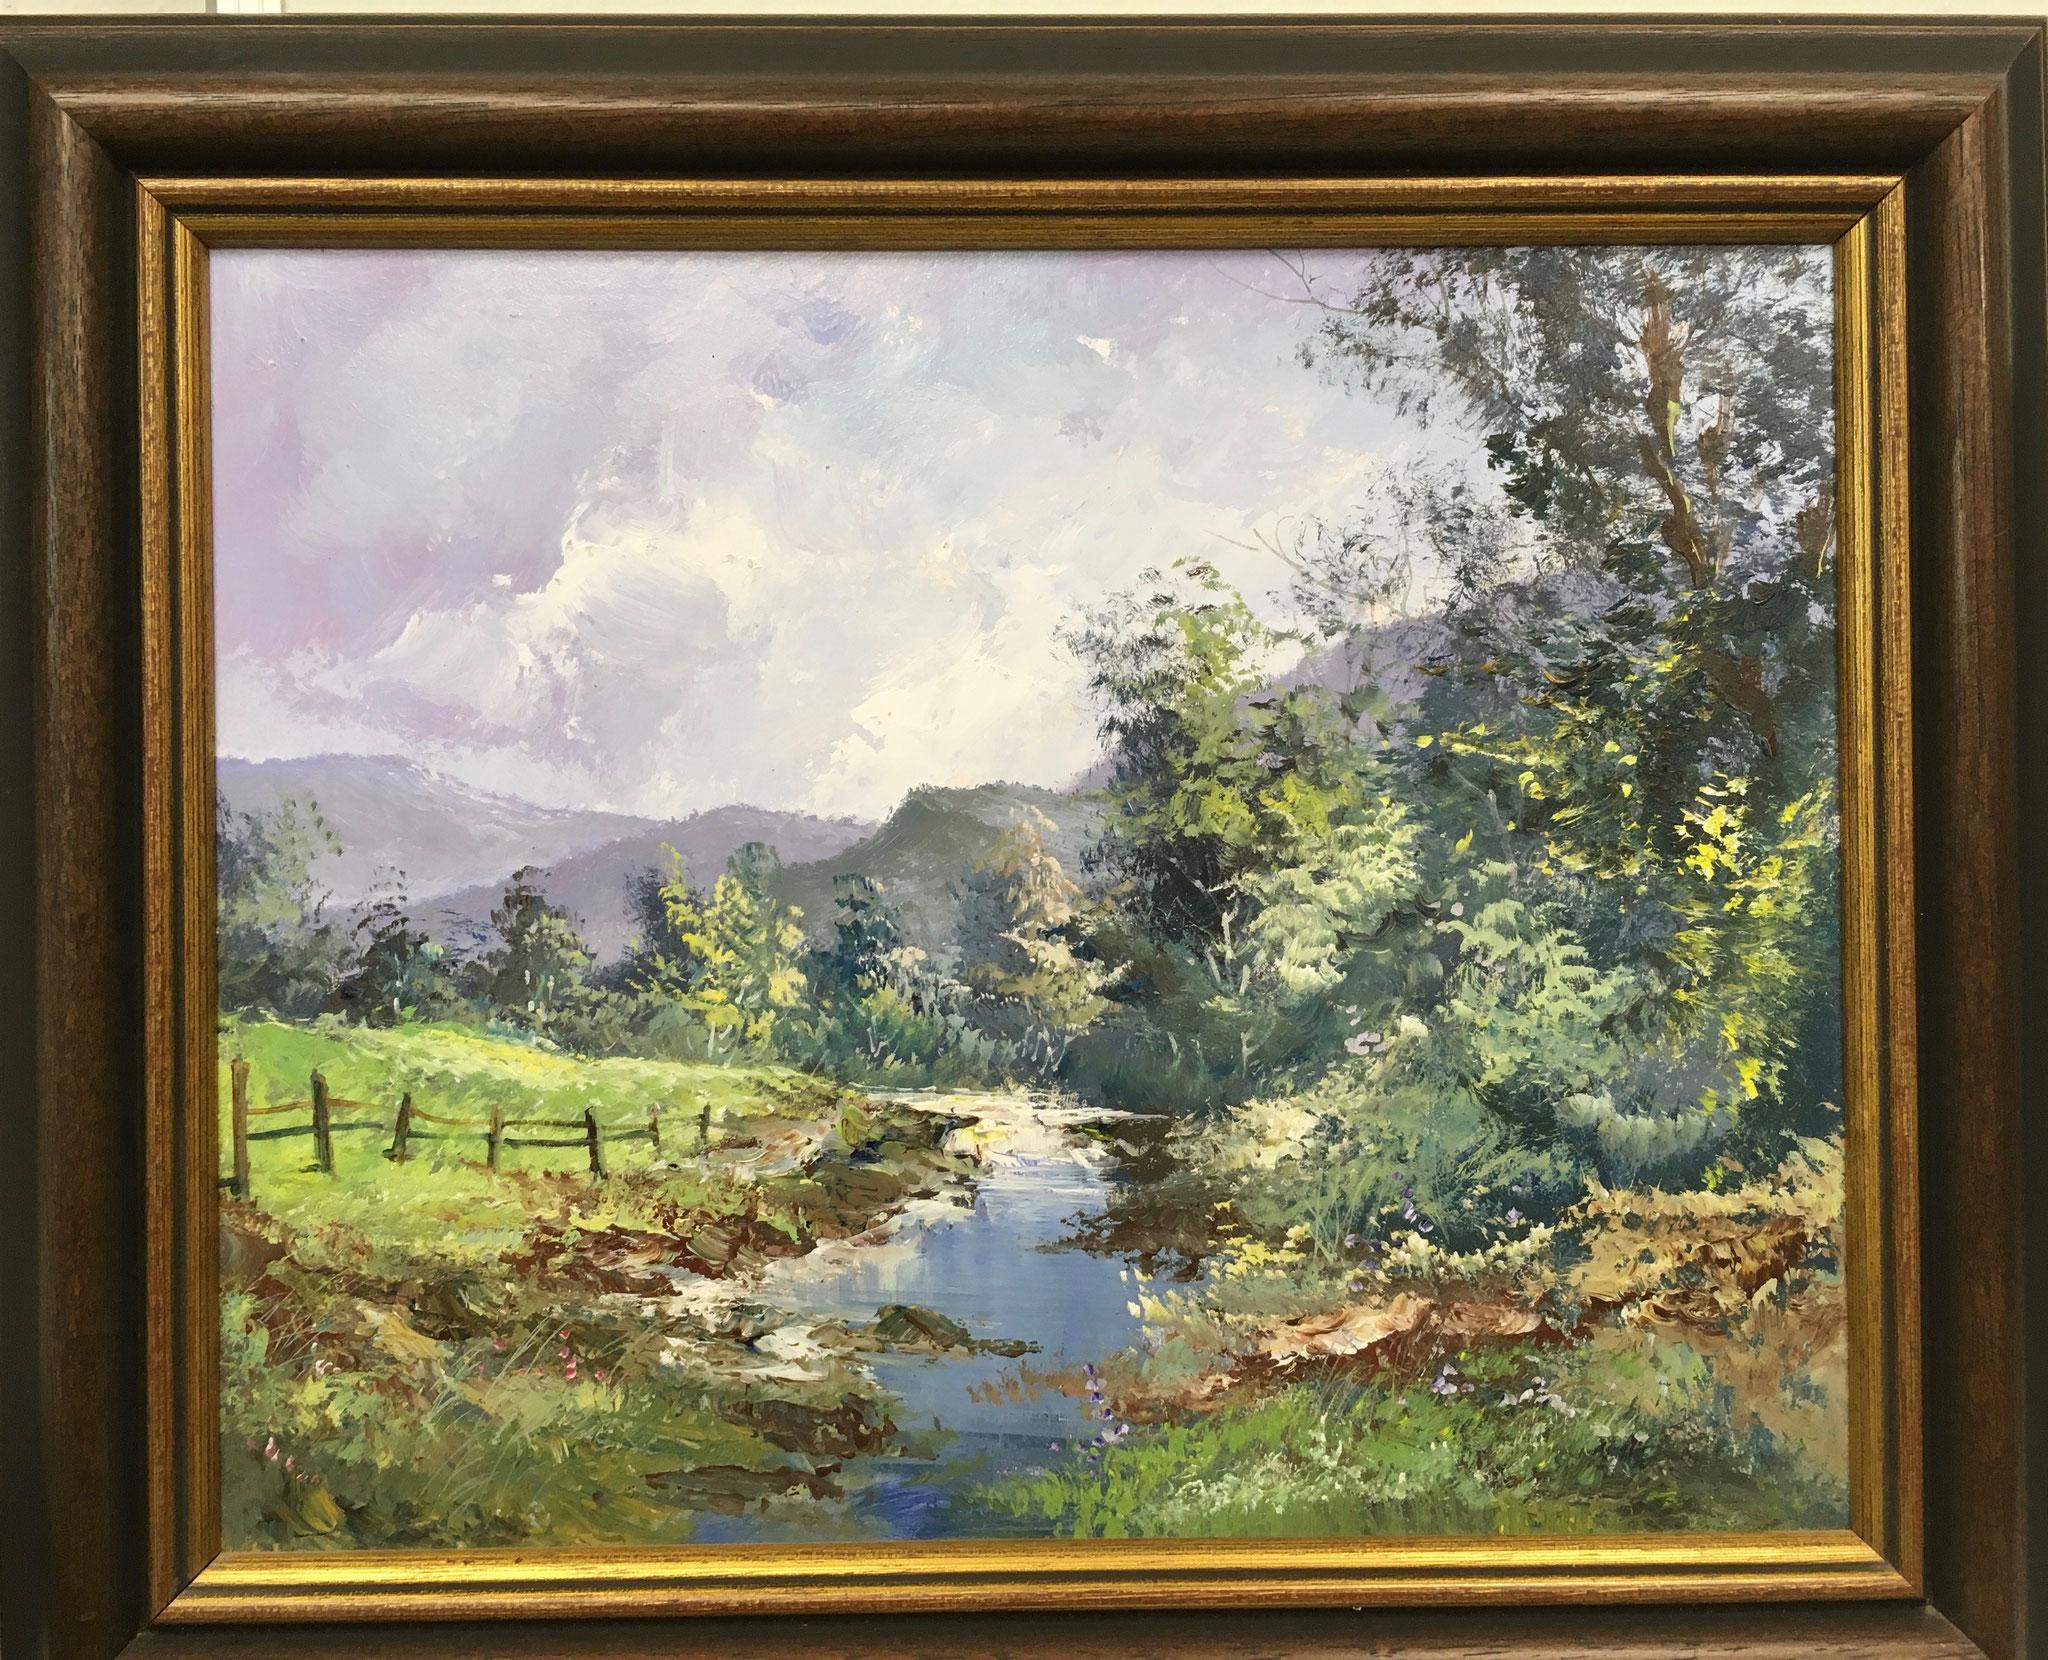 """Künstler unbekannt Original Acrylbild """"Landschaft I"""" Größe/Falzmaß: 41,0 x 33,0cm Sonderpreis € 249,-"""